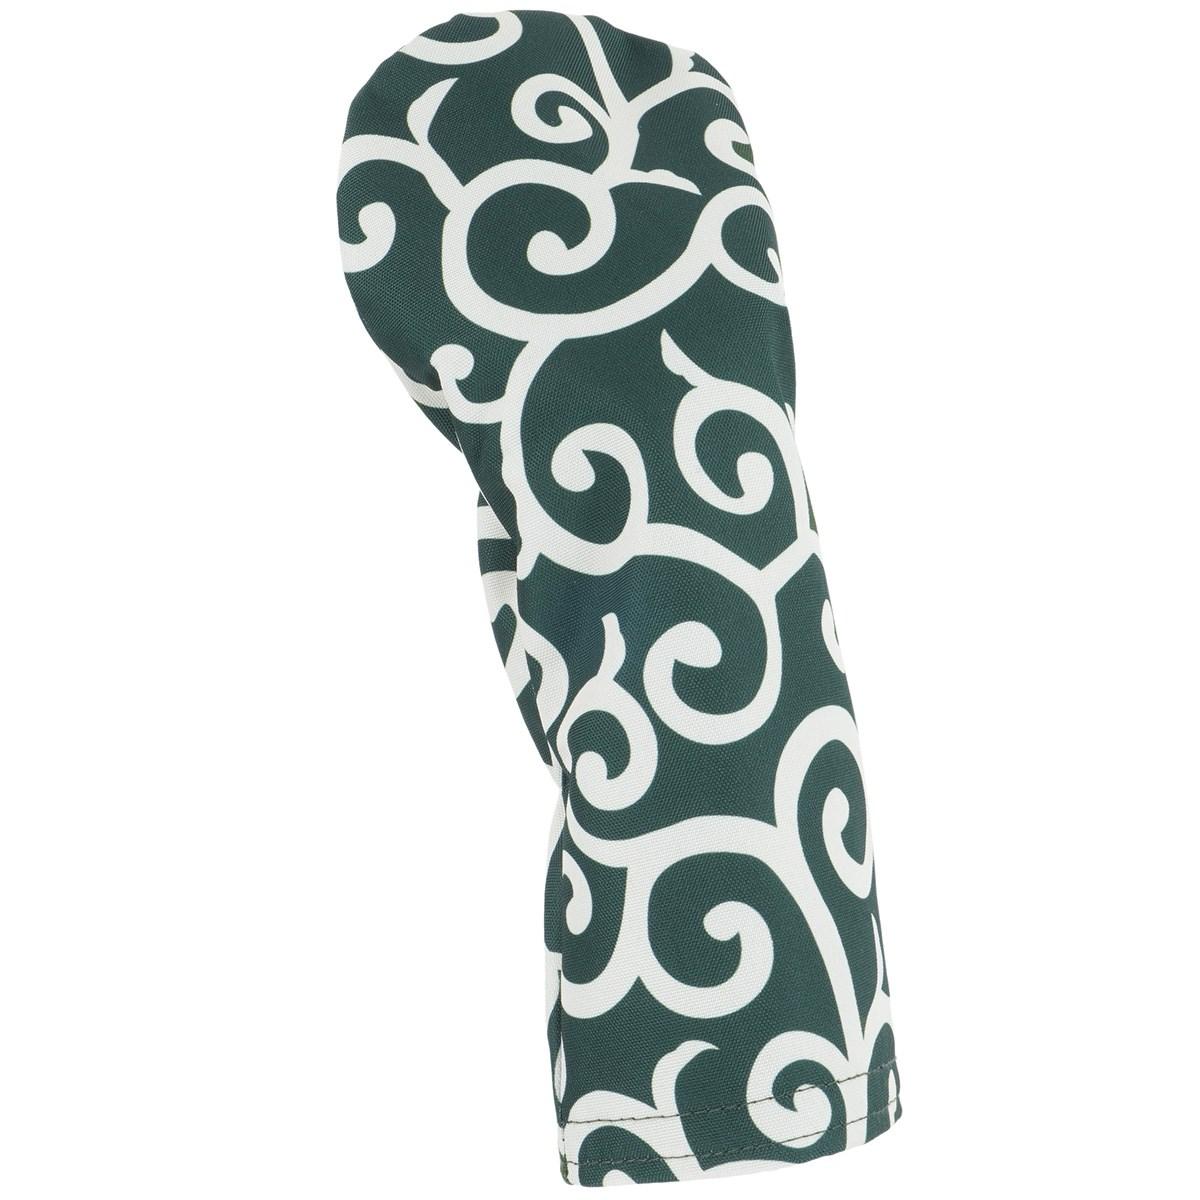 AZROF スタイルヘッドカバー DR用 カラクサグリーン